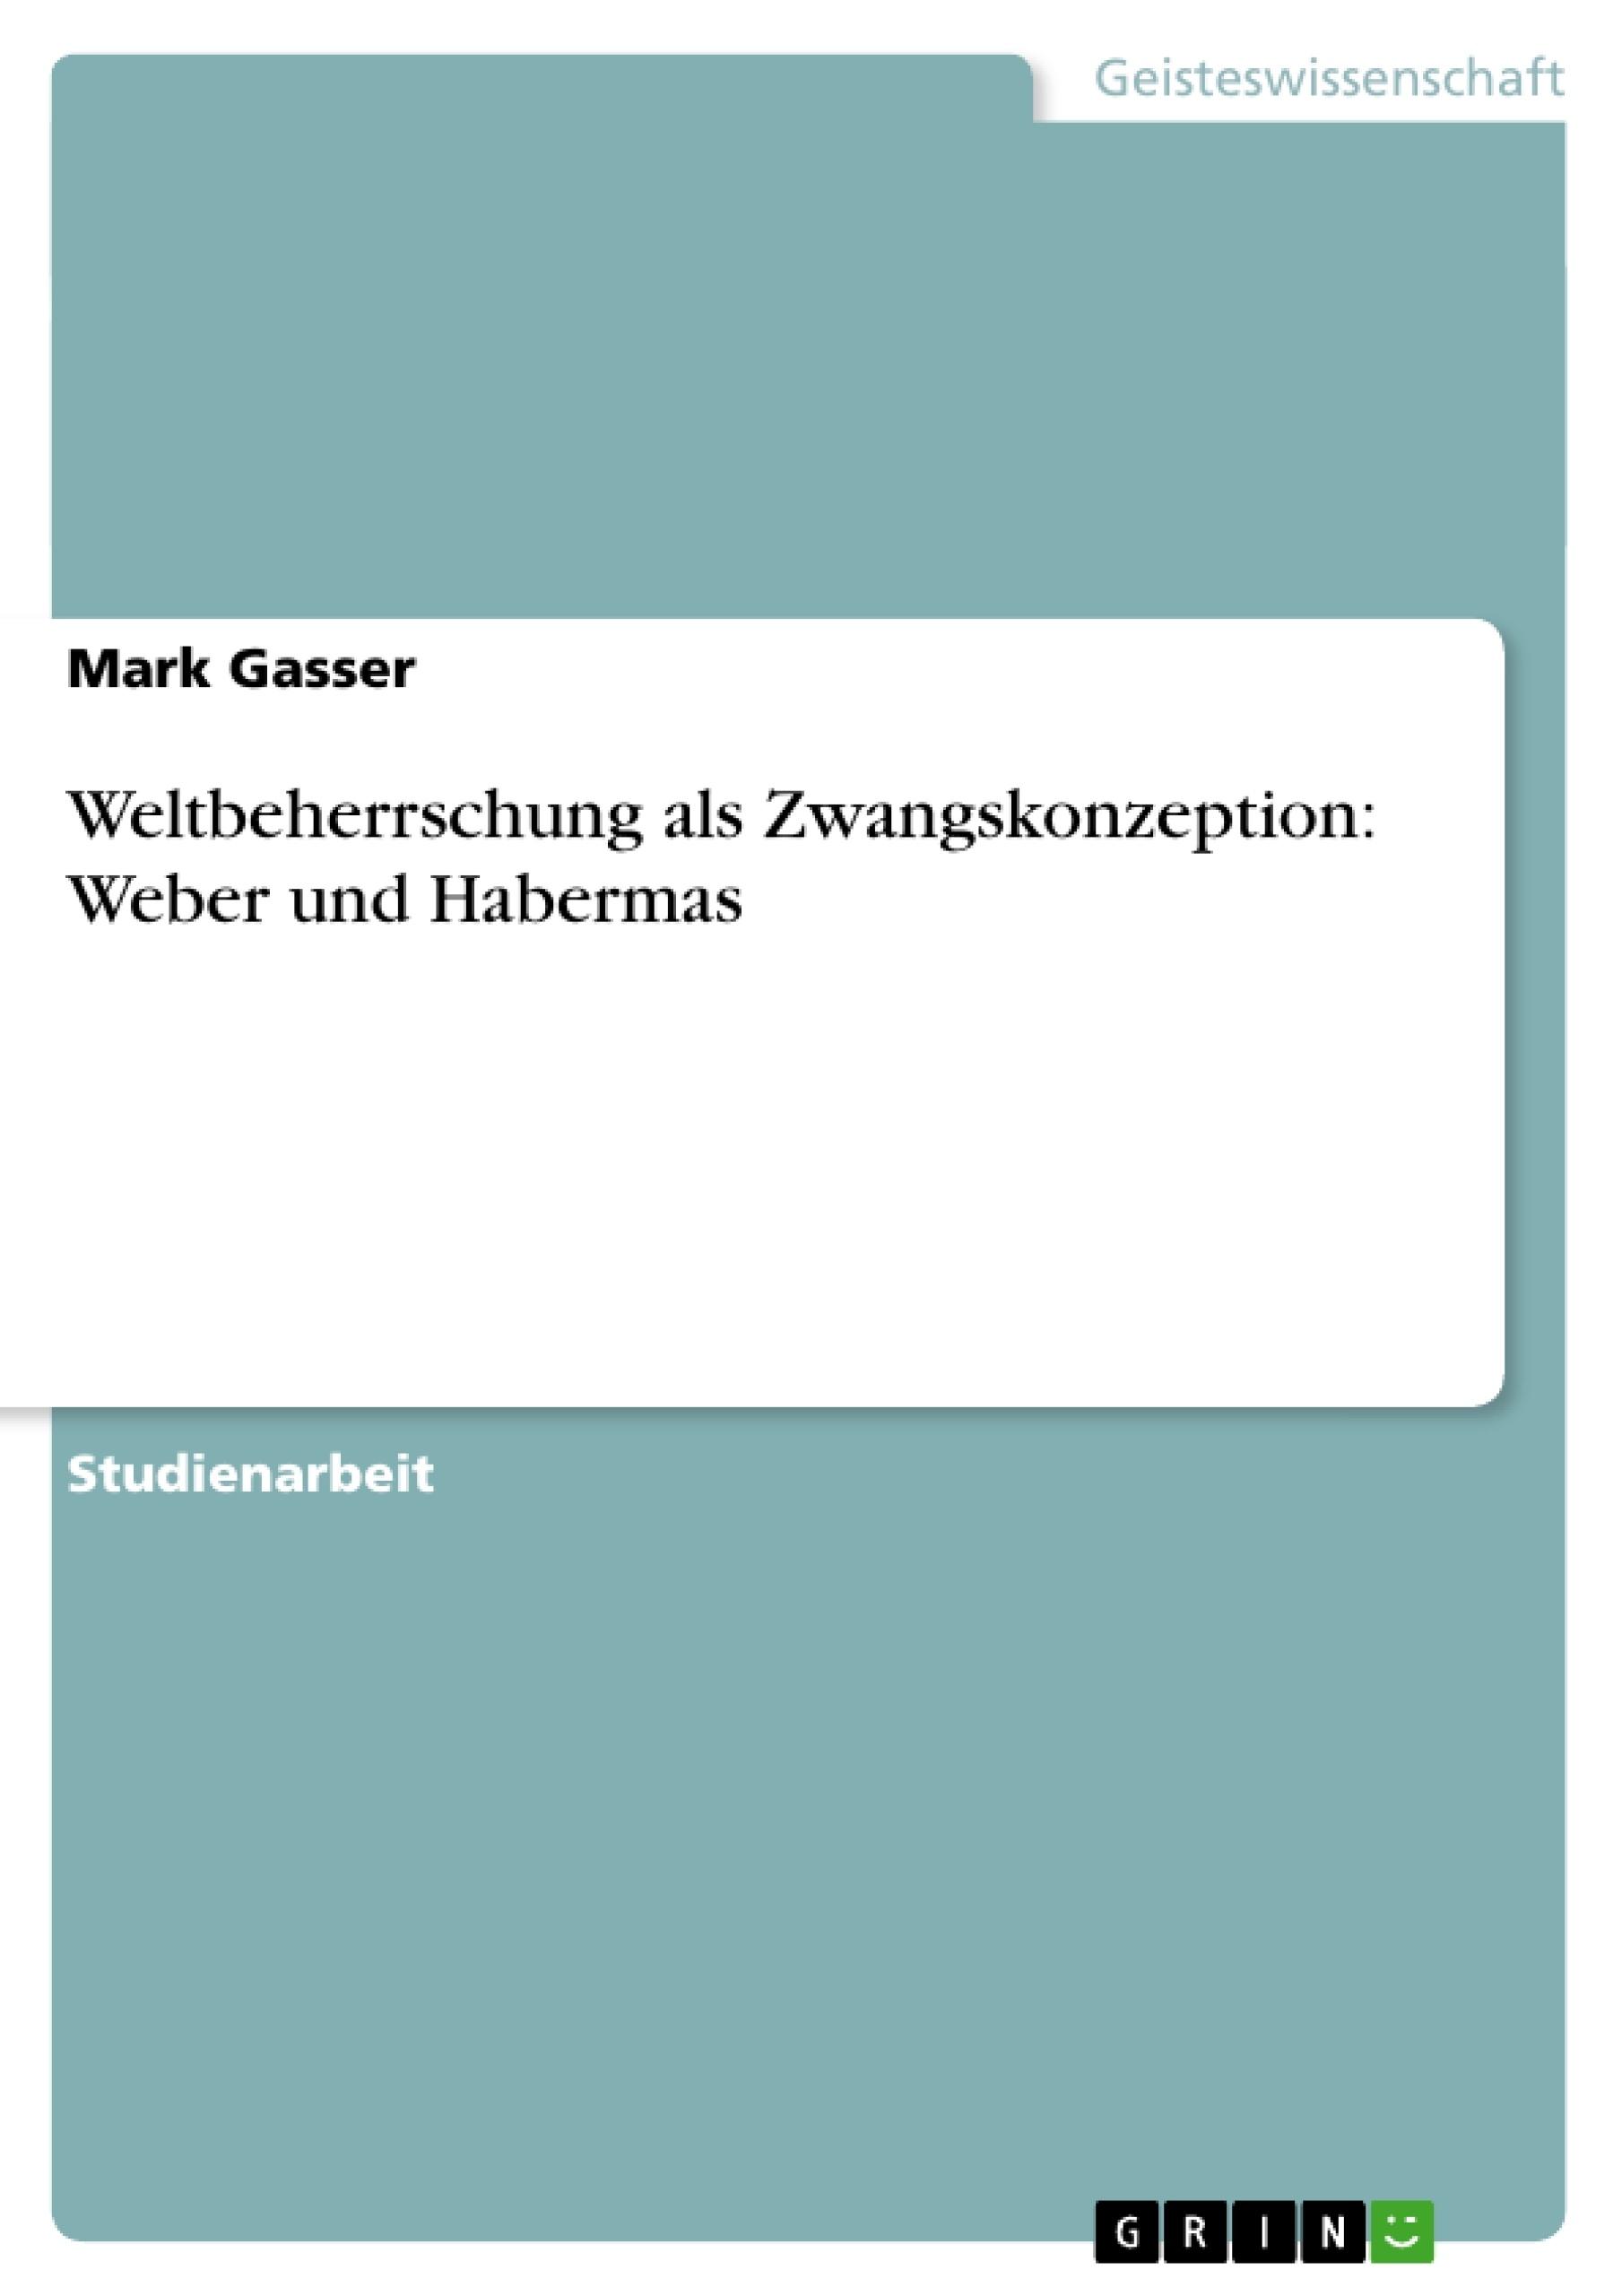 Titel: Weltbeherrschung als Zwangskonzeption: Weber und Habermas